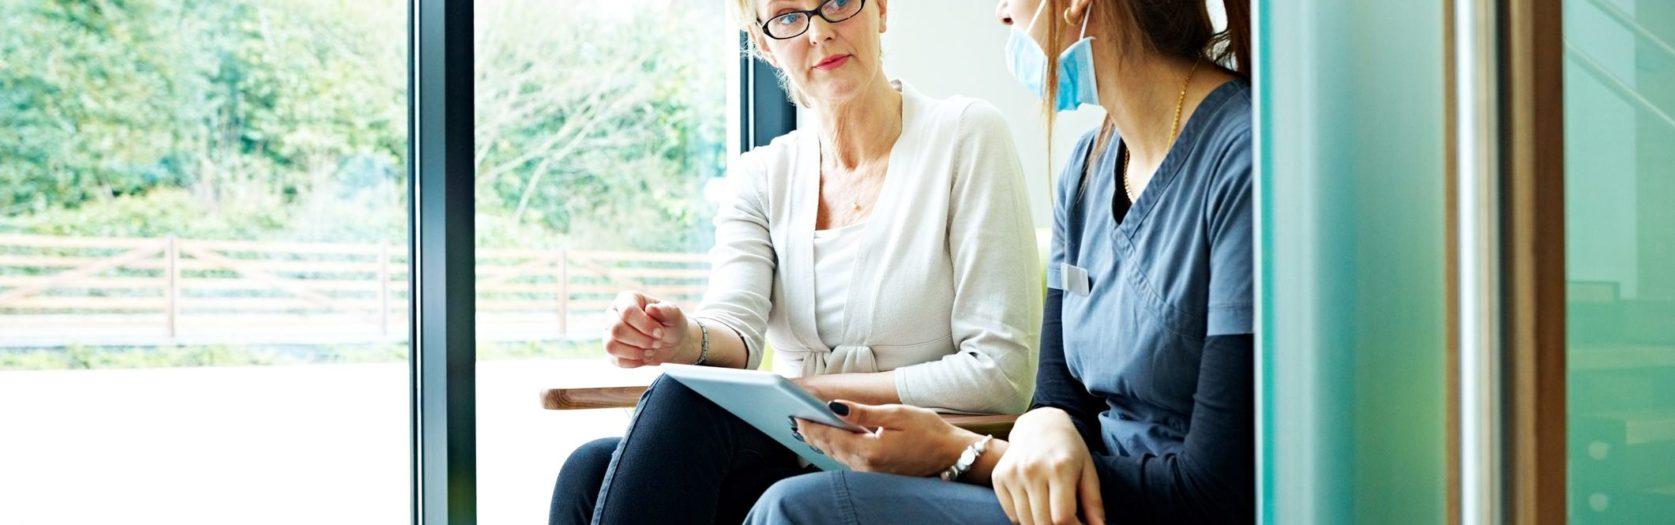 2 Frauen im Büro-Gespräch